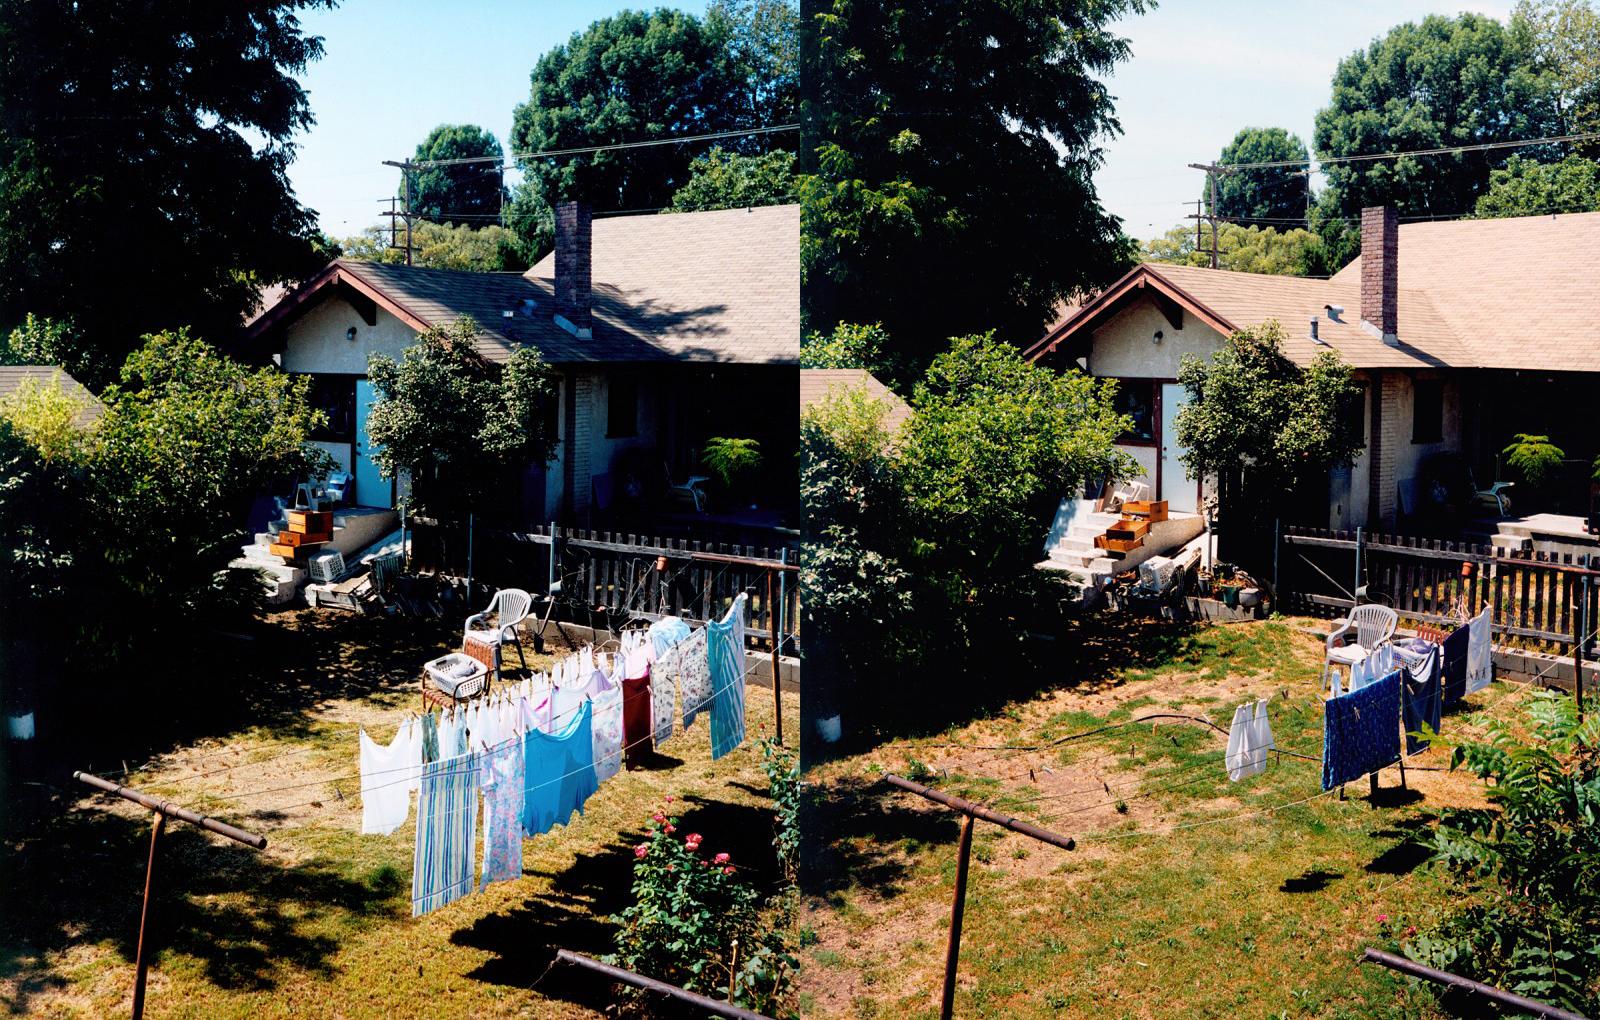 ec_backyard_4-5.jpg